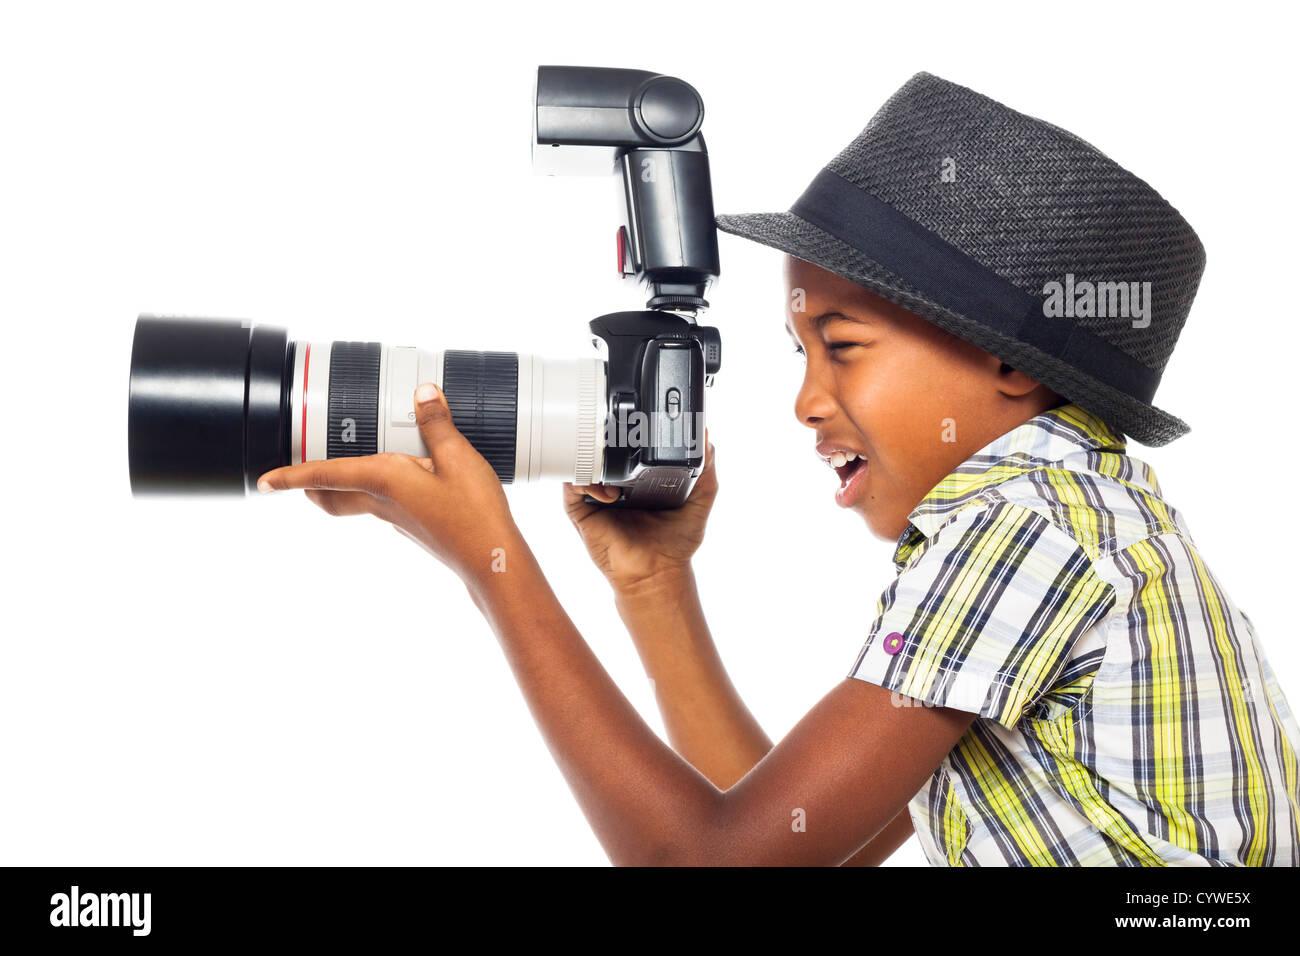 Child boy taking photo with professional camera, isolated on white background. - Stock Image